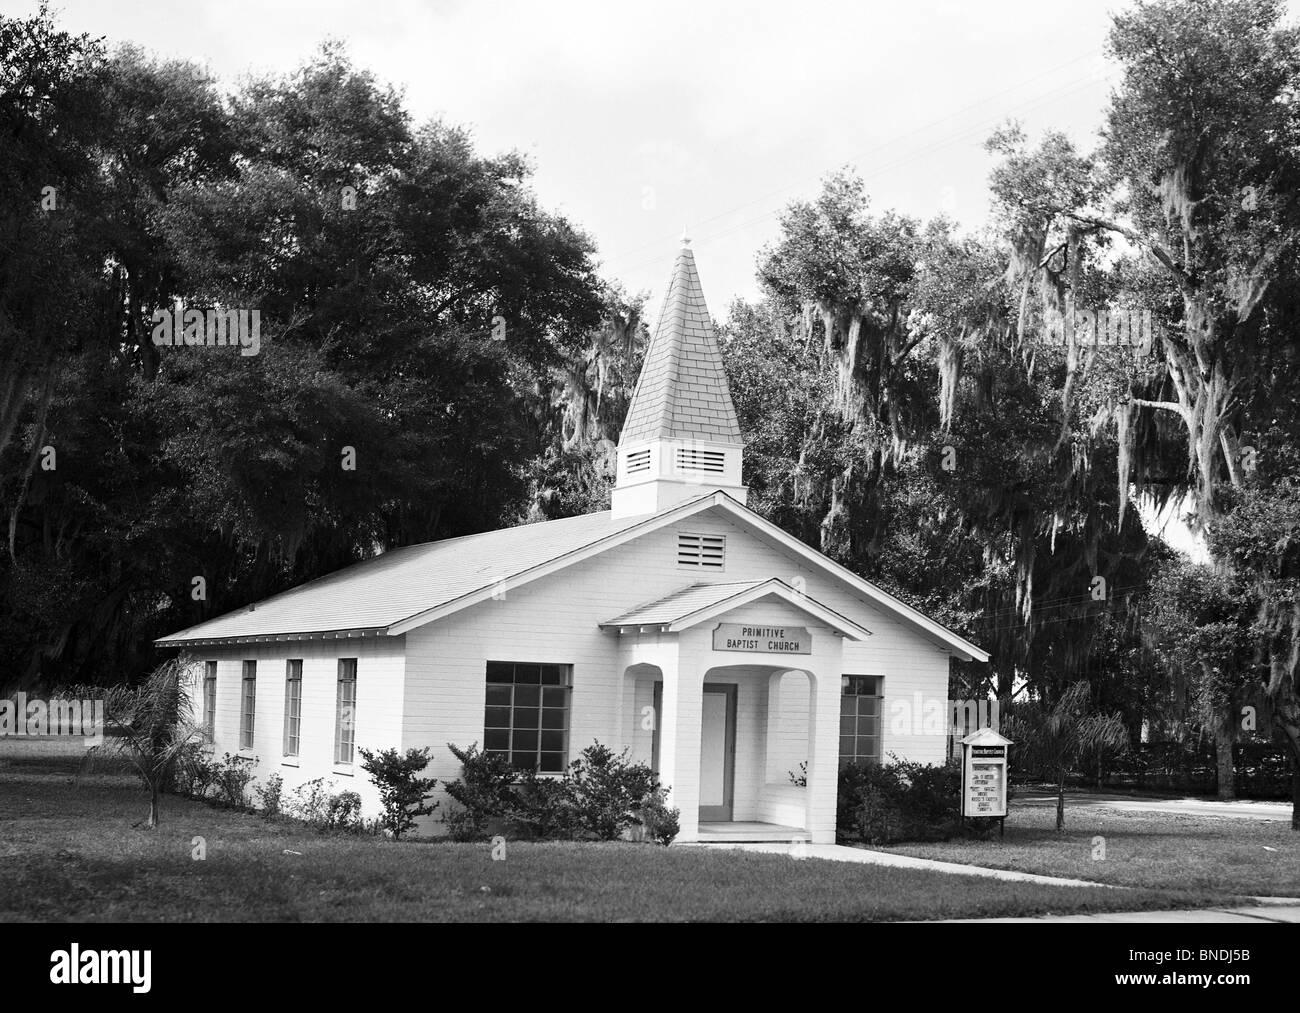 Facade of a church, Deland Primitive Baptist Church, Deland, Florida, USA - Stock Image